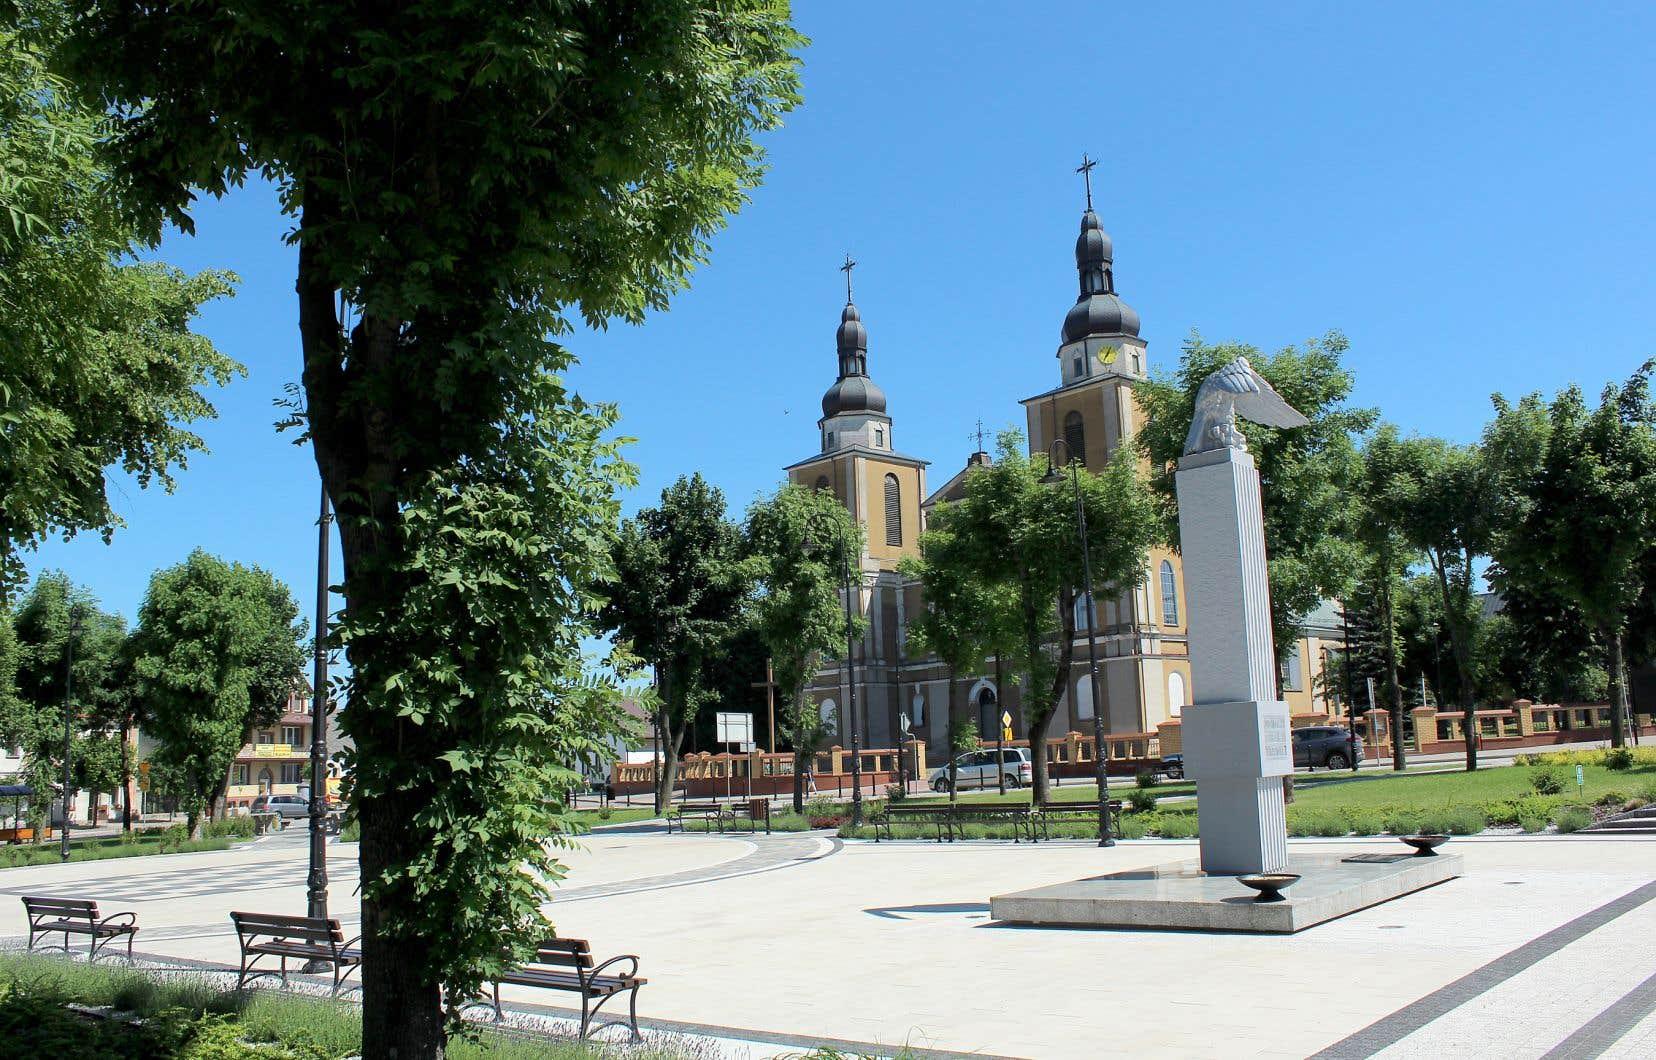 Un vent de renouveau souffle sur Stawiski, village situé en Podlachie, tout à l'est de la Pologne. En témoigne ce fameux square coquet, inauguré à deux pas d'une église baroque, qui fait aujourd'hui la joie des 6000 habitants du quartier.